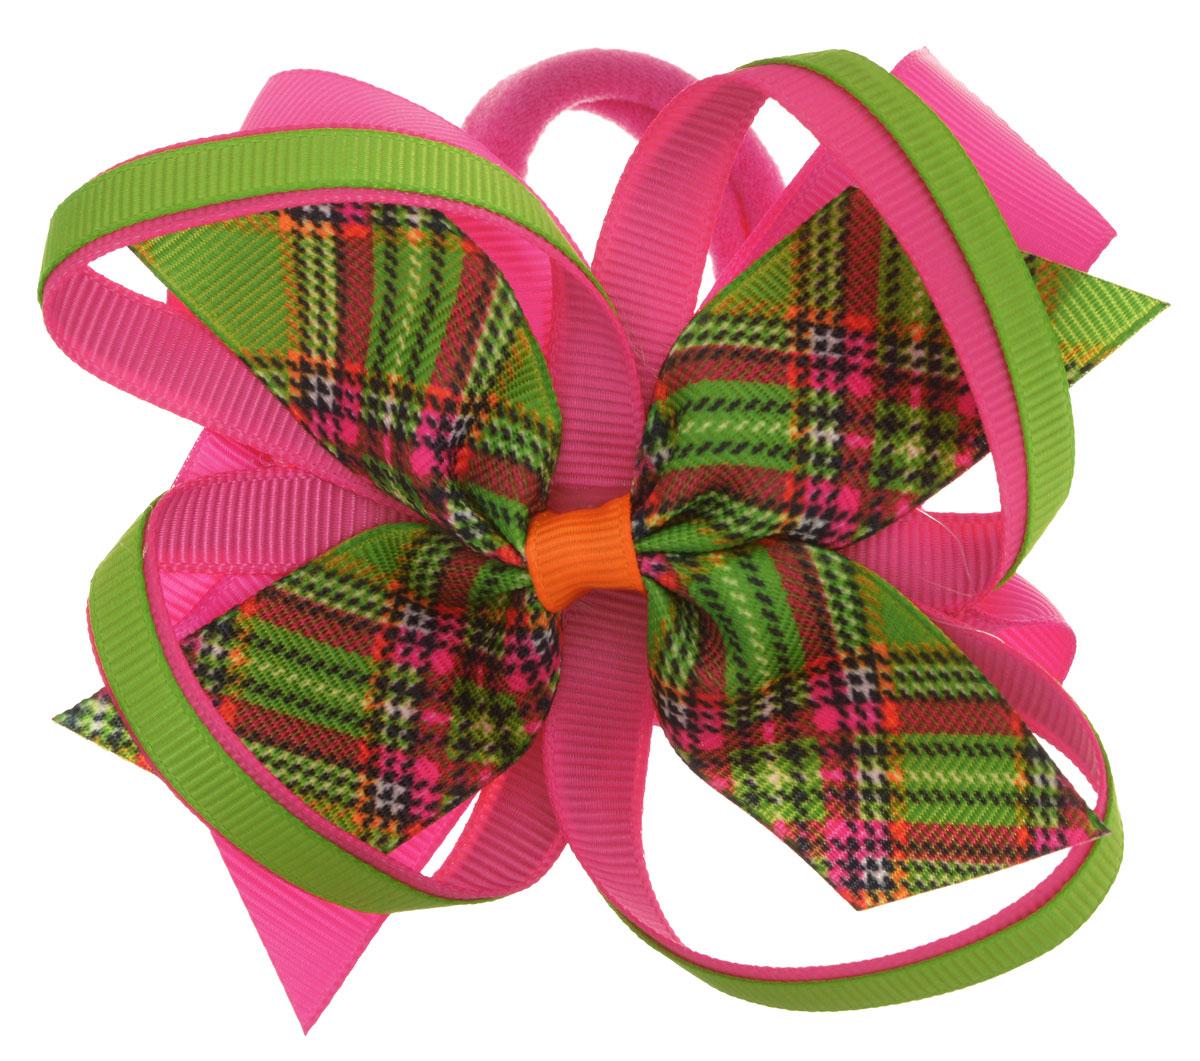 Baby's Joy Резинка для волос цвет малиновый салатовый AL 969